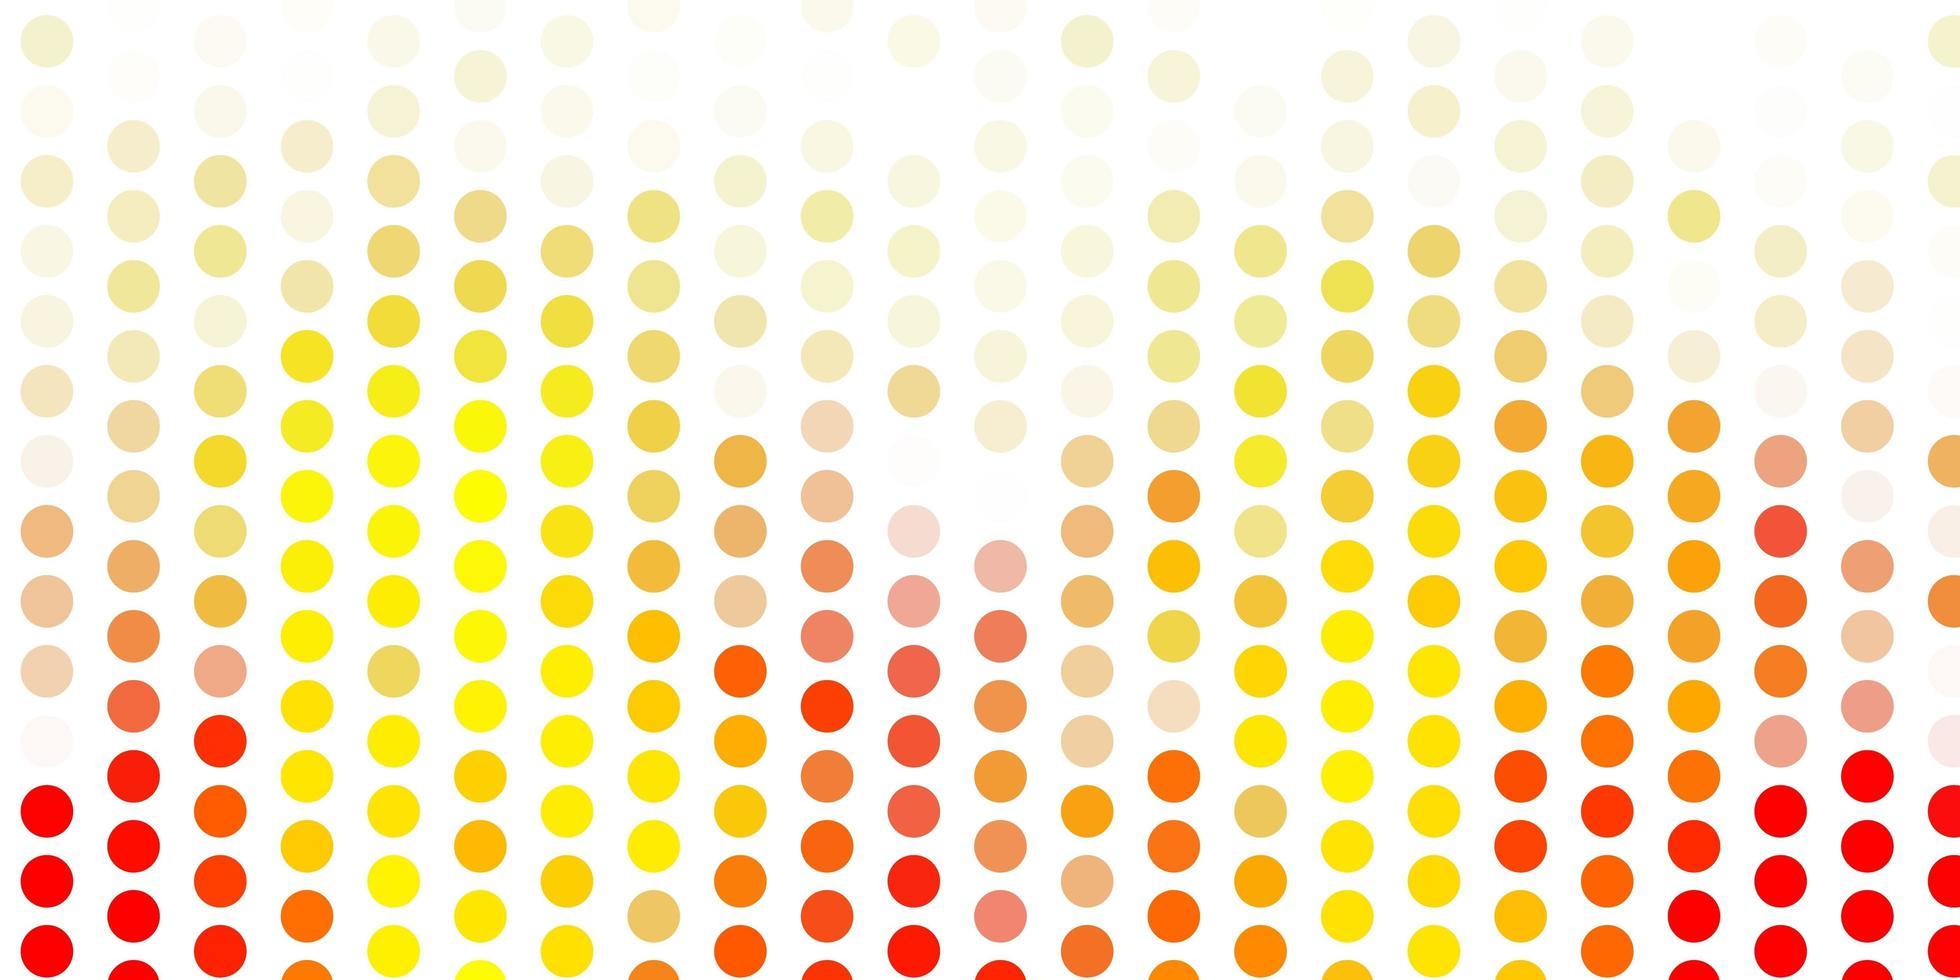 ljus orange vektor konsistens med skivor